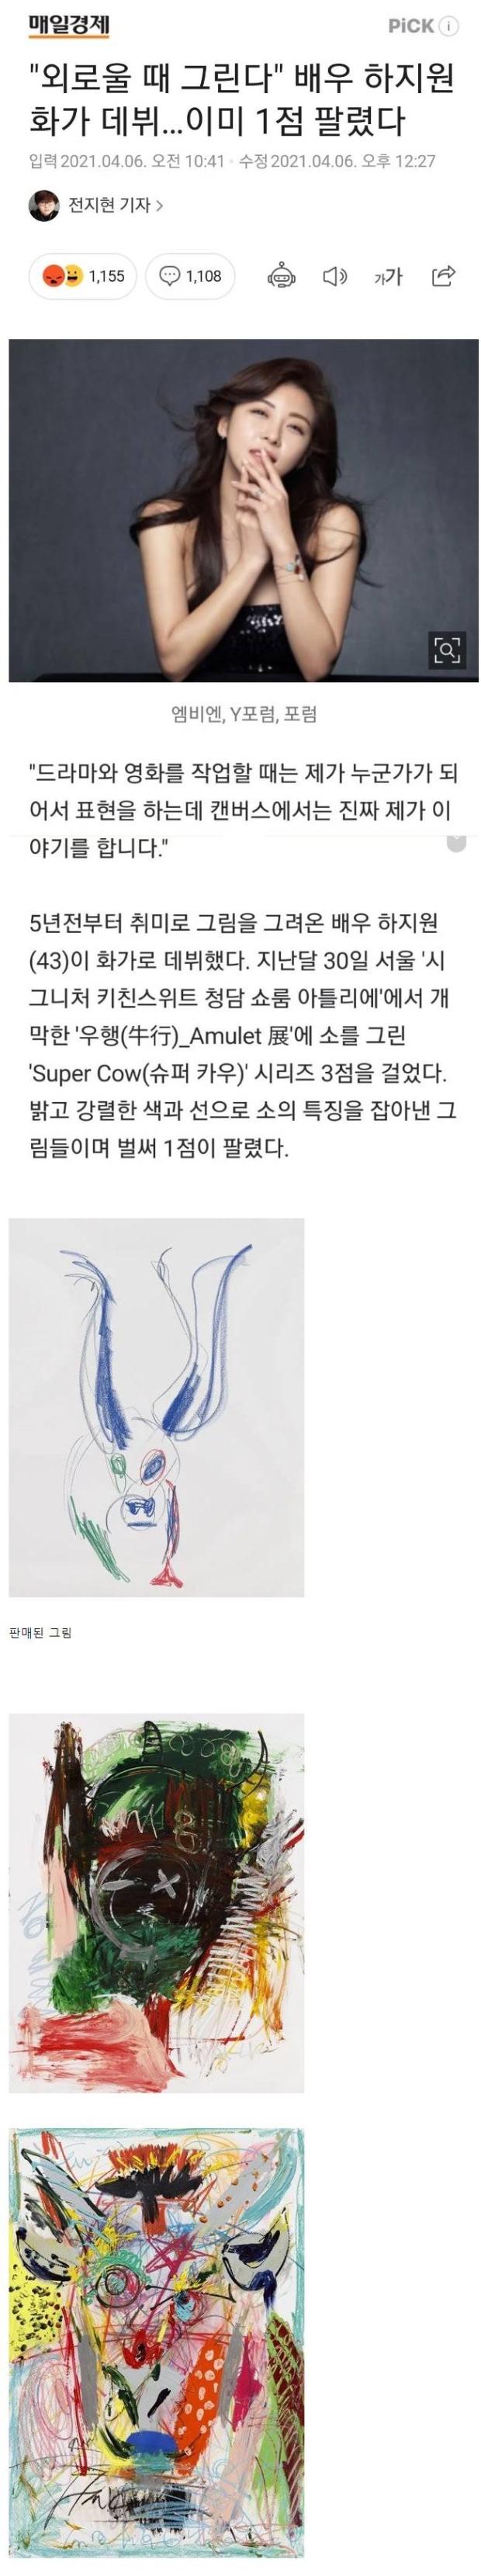 화가 데뷔한 하지원의 판매된 작품